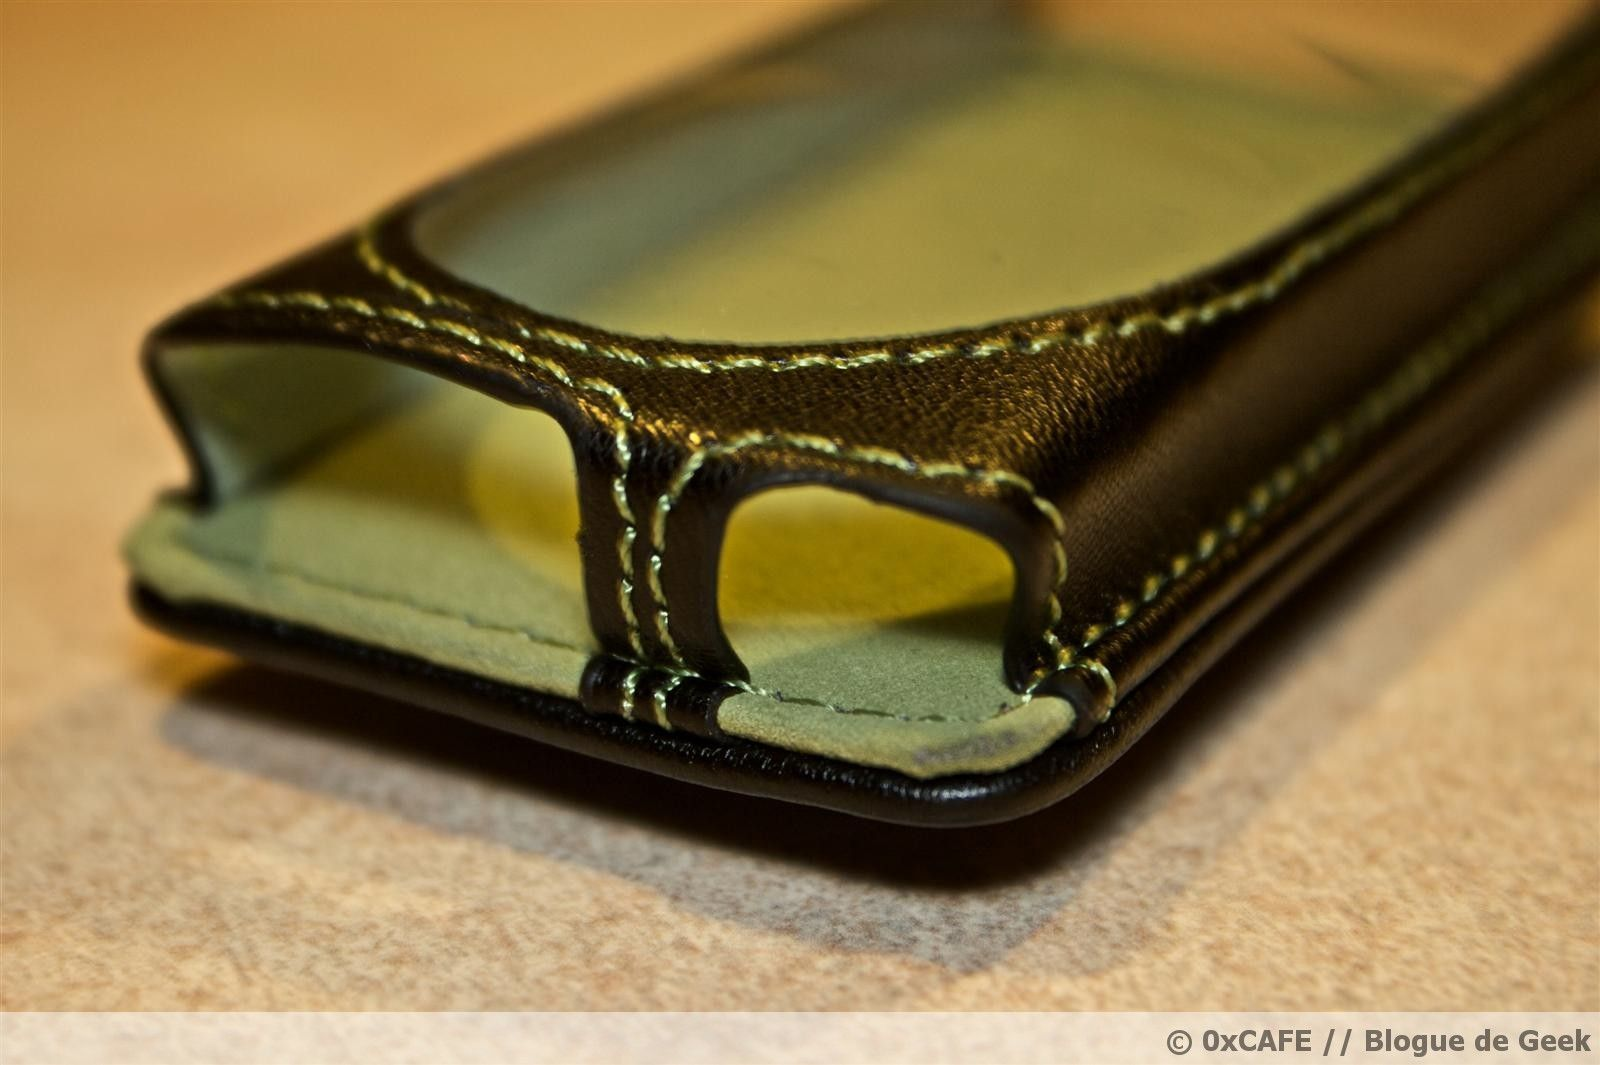 image 52 - [Évaluation] Étui de cuir HipCase de DLO pour le Zune 8Go